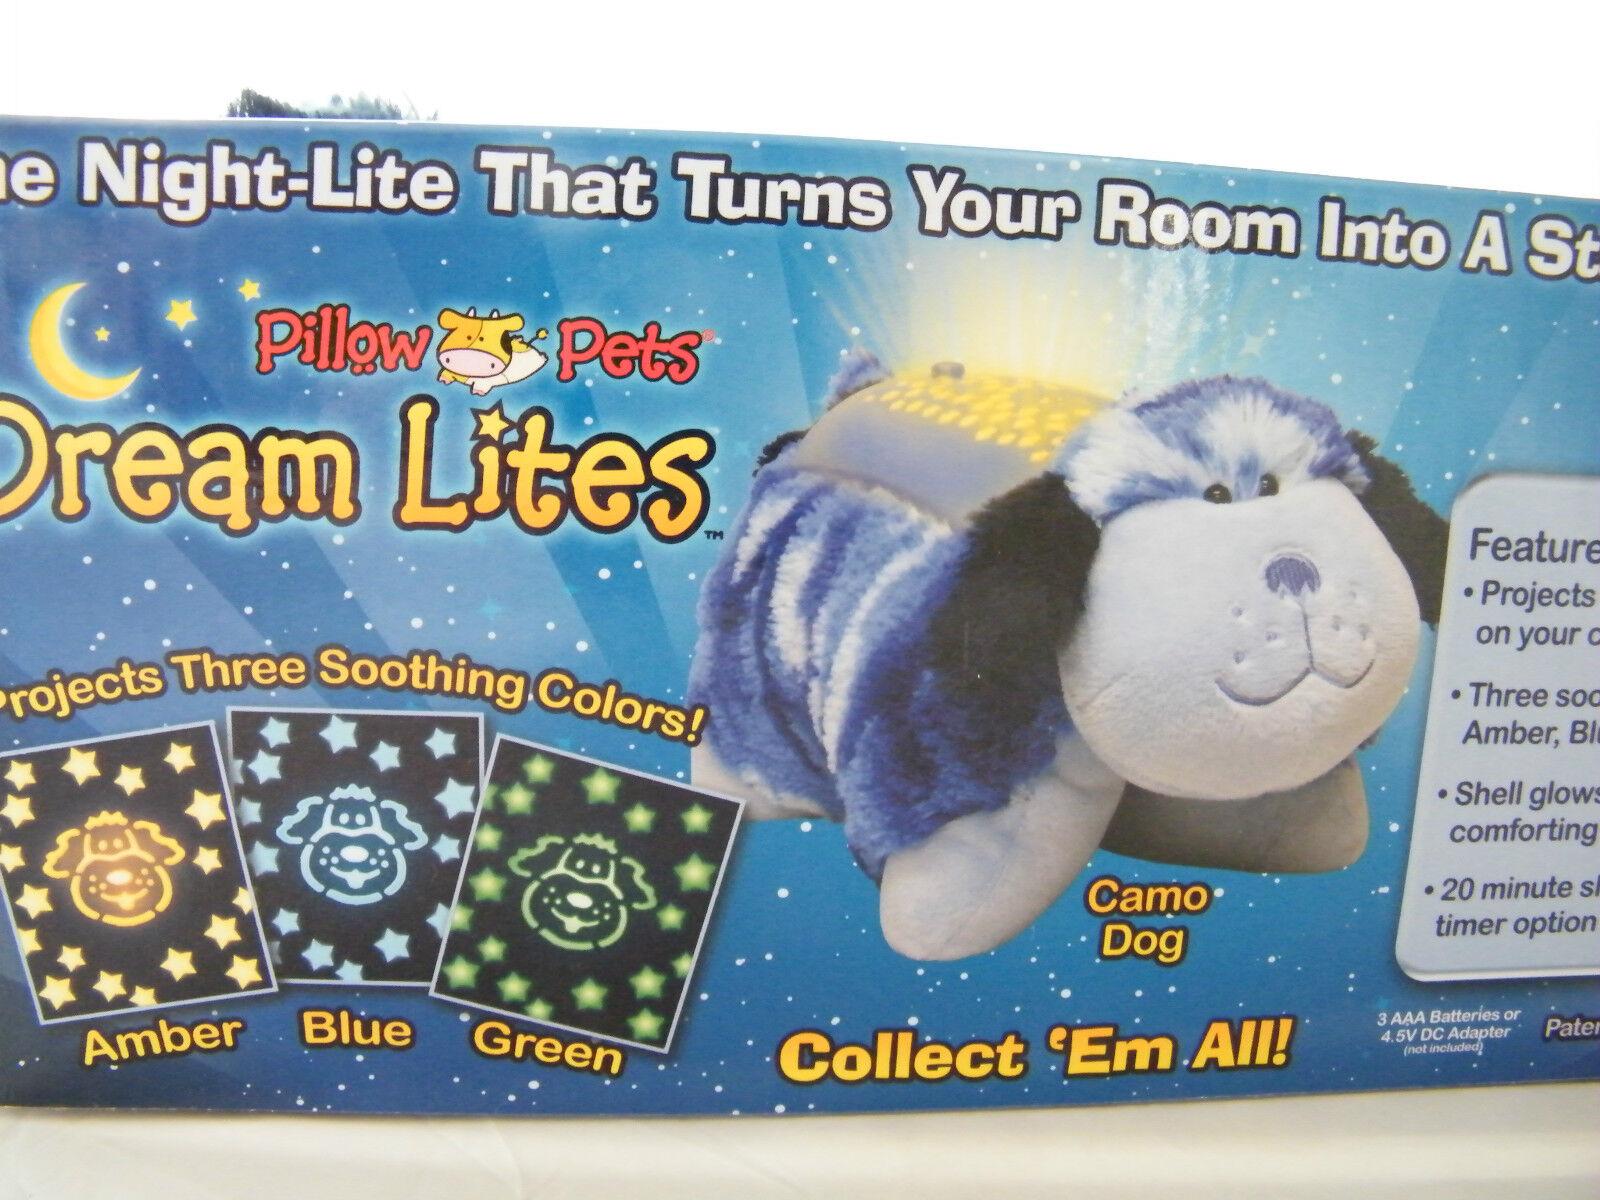 Schlummerlicht Kissen Pillow Pets Dreamlites Dreamlites Dreamlites aus 5 versch..Tieren wählen süß 07f57a